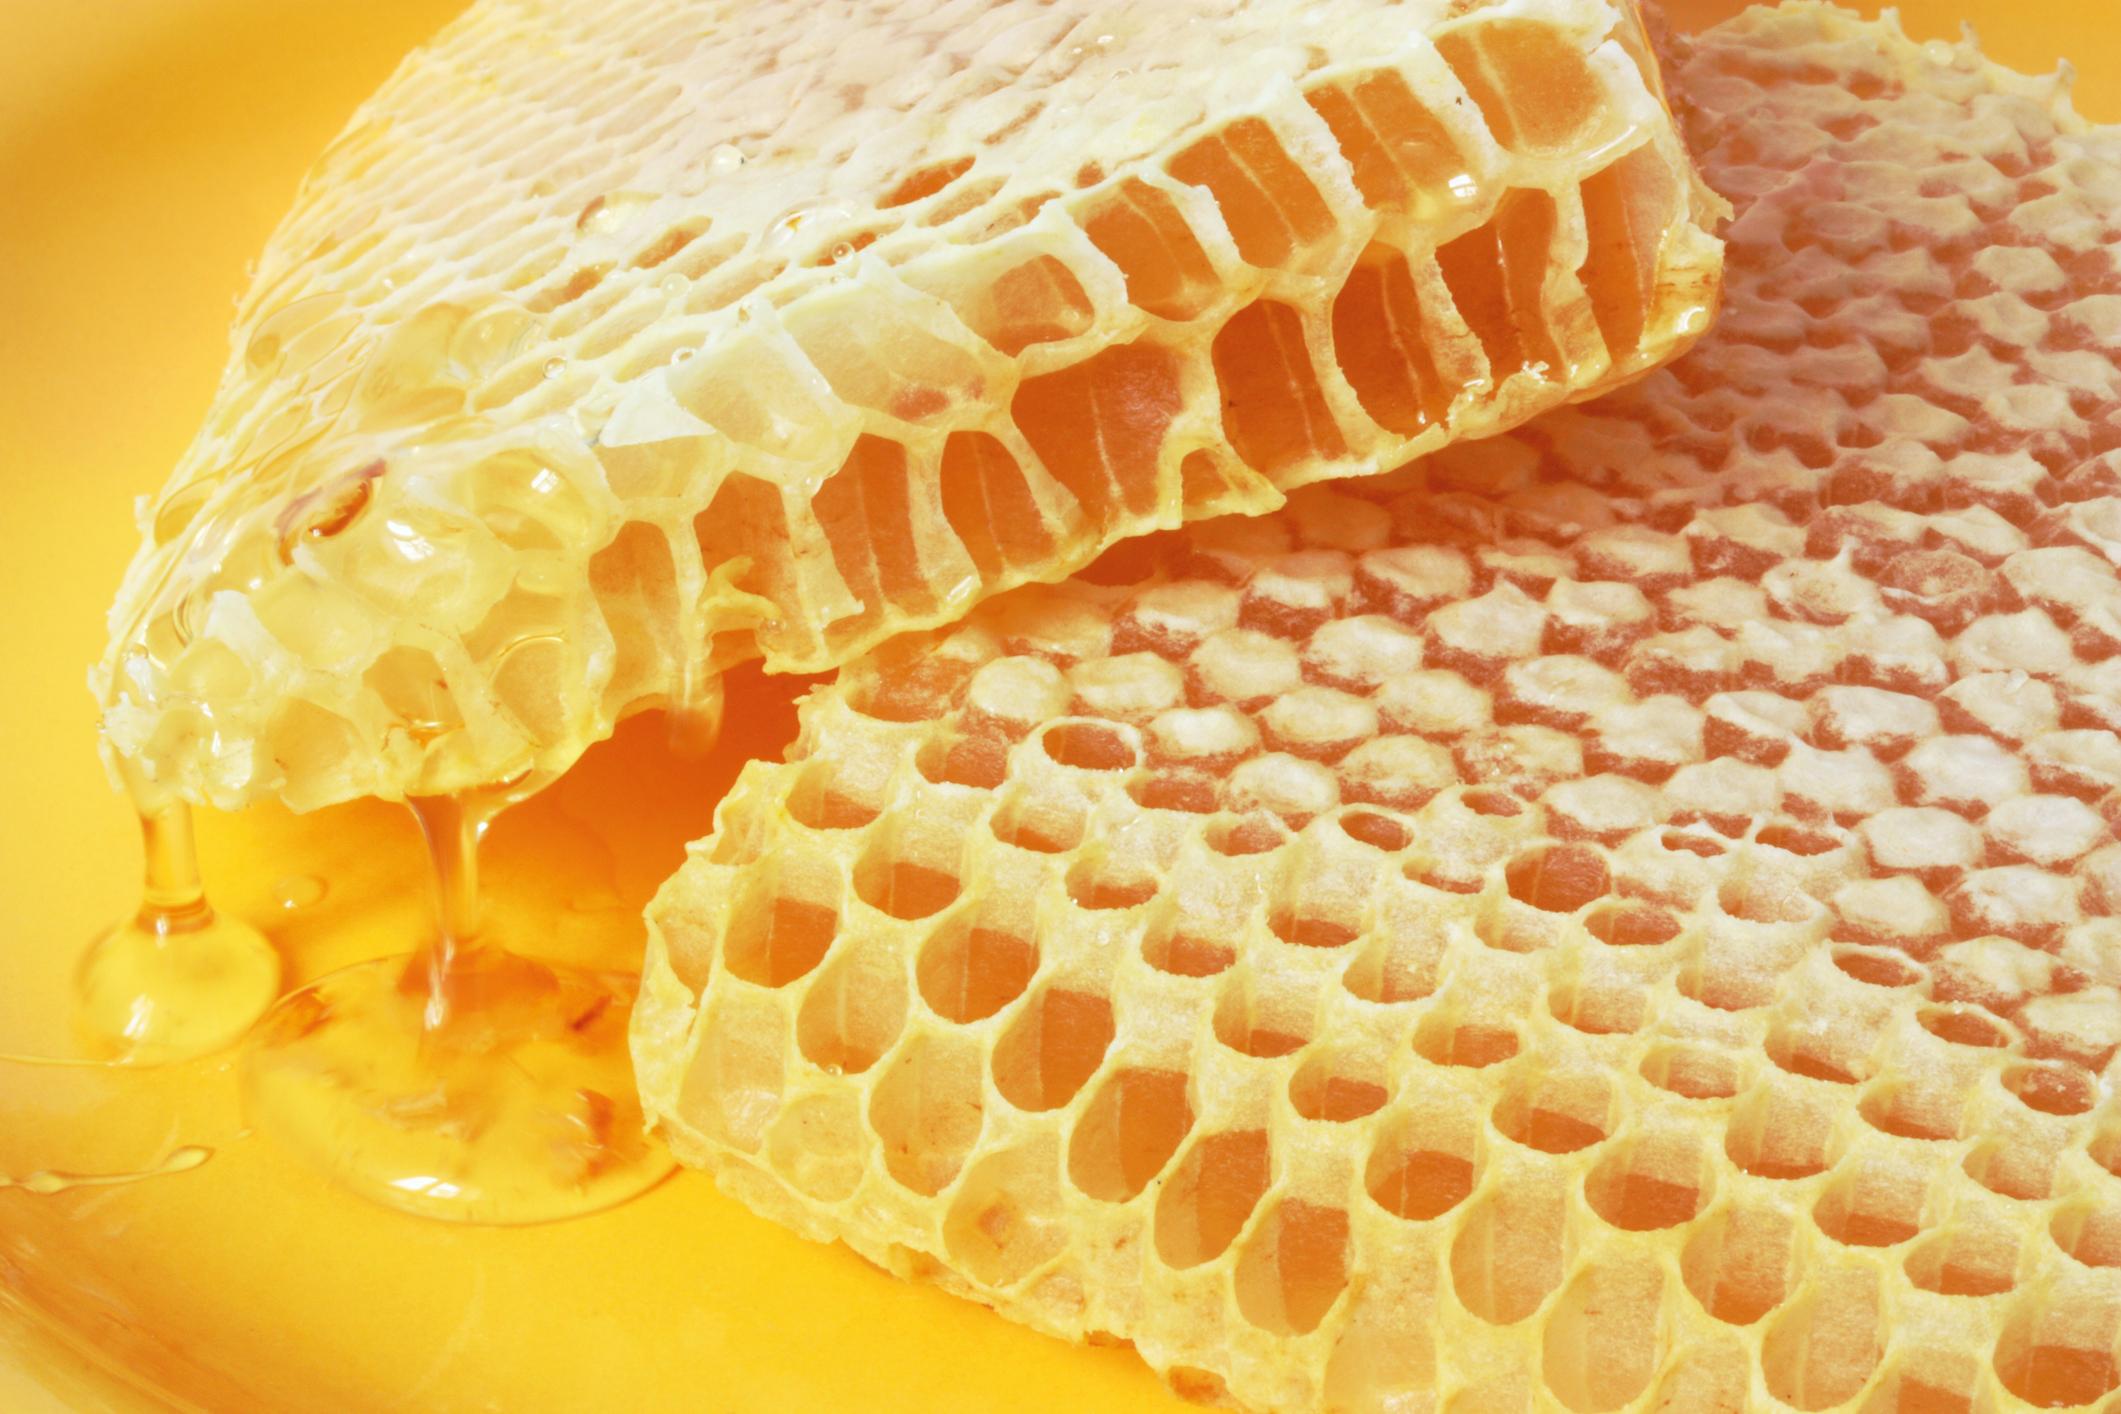 Соты с медом польза.  Мед при язве желудка и двенадцатиперстной кишки.